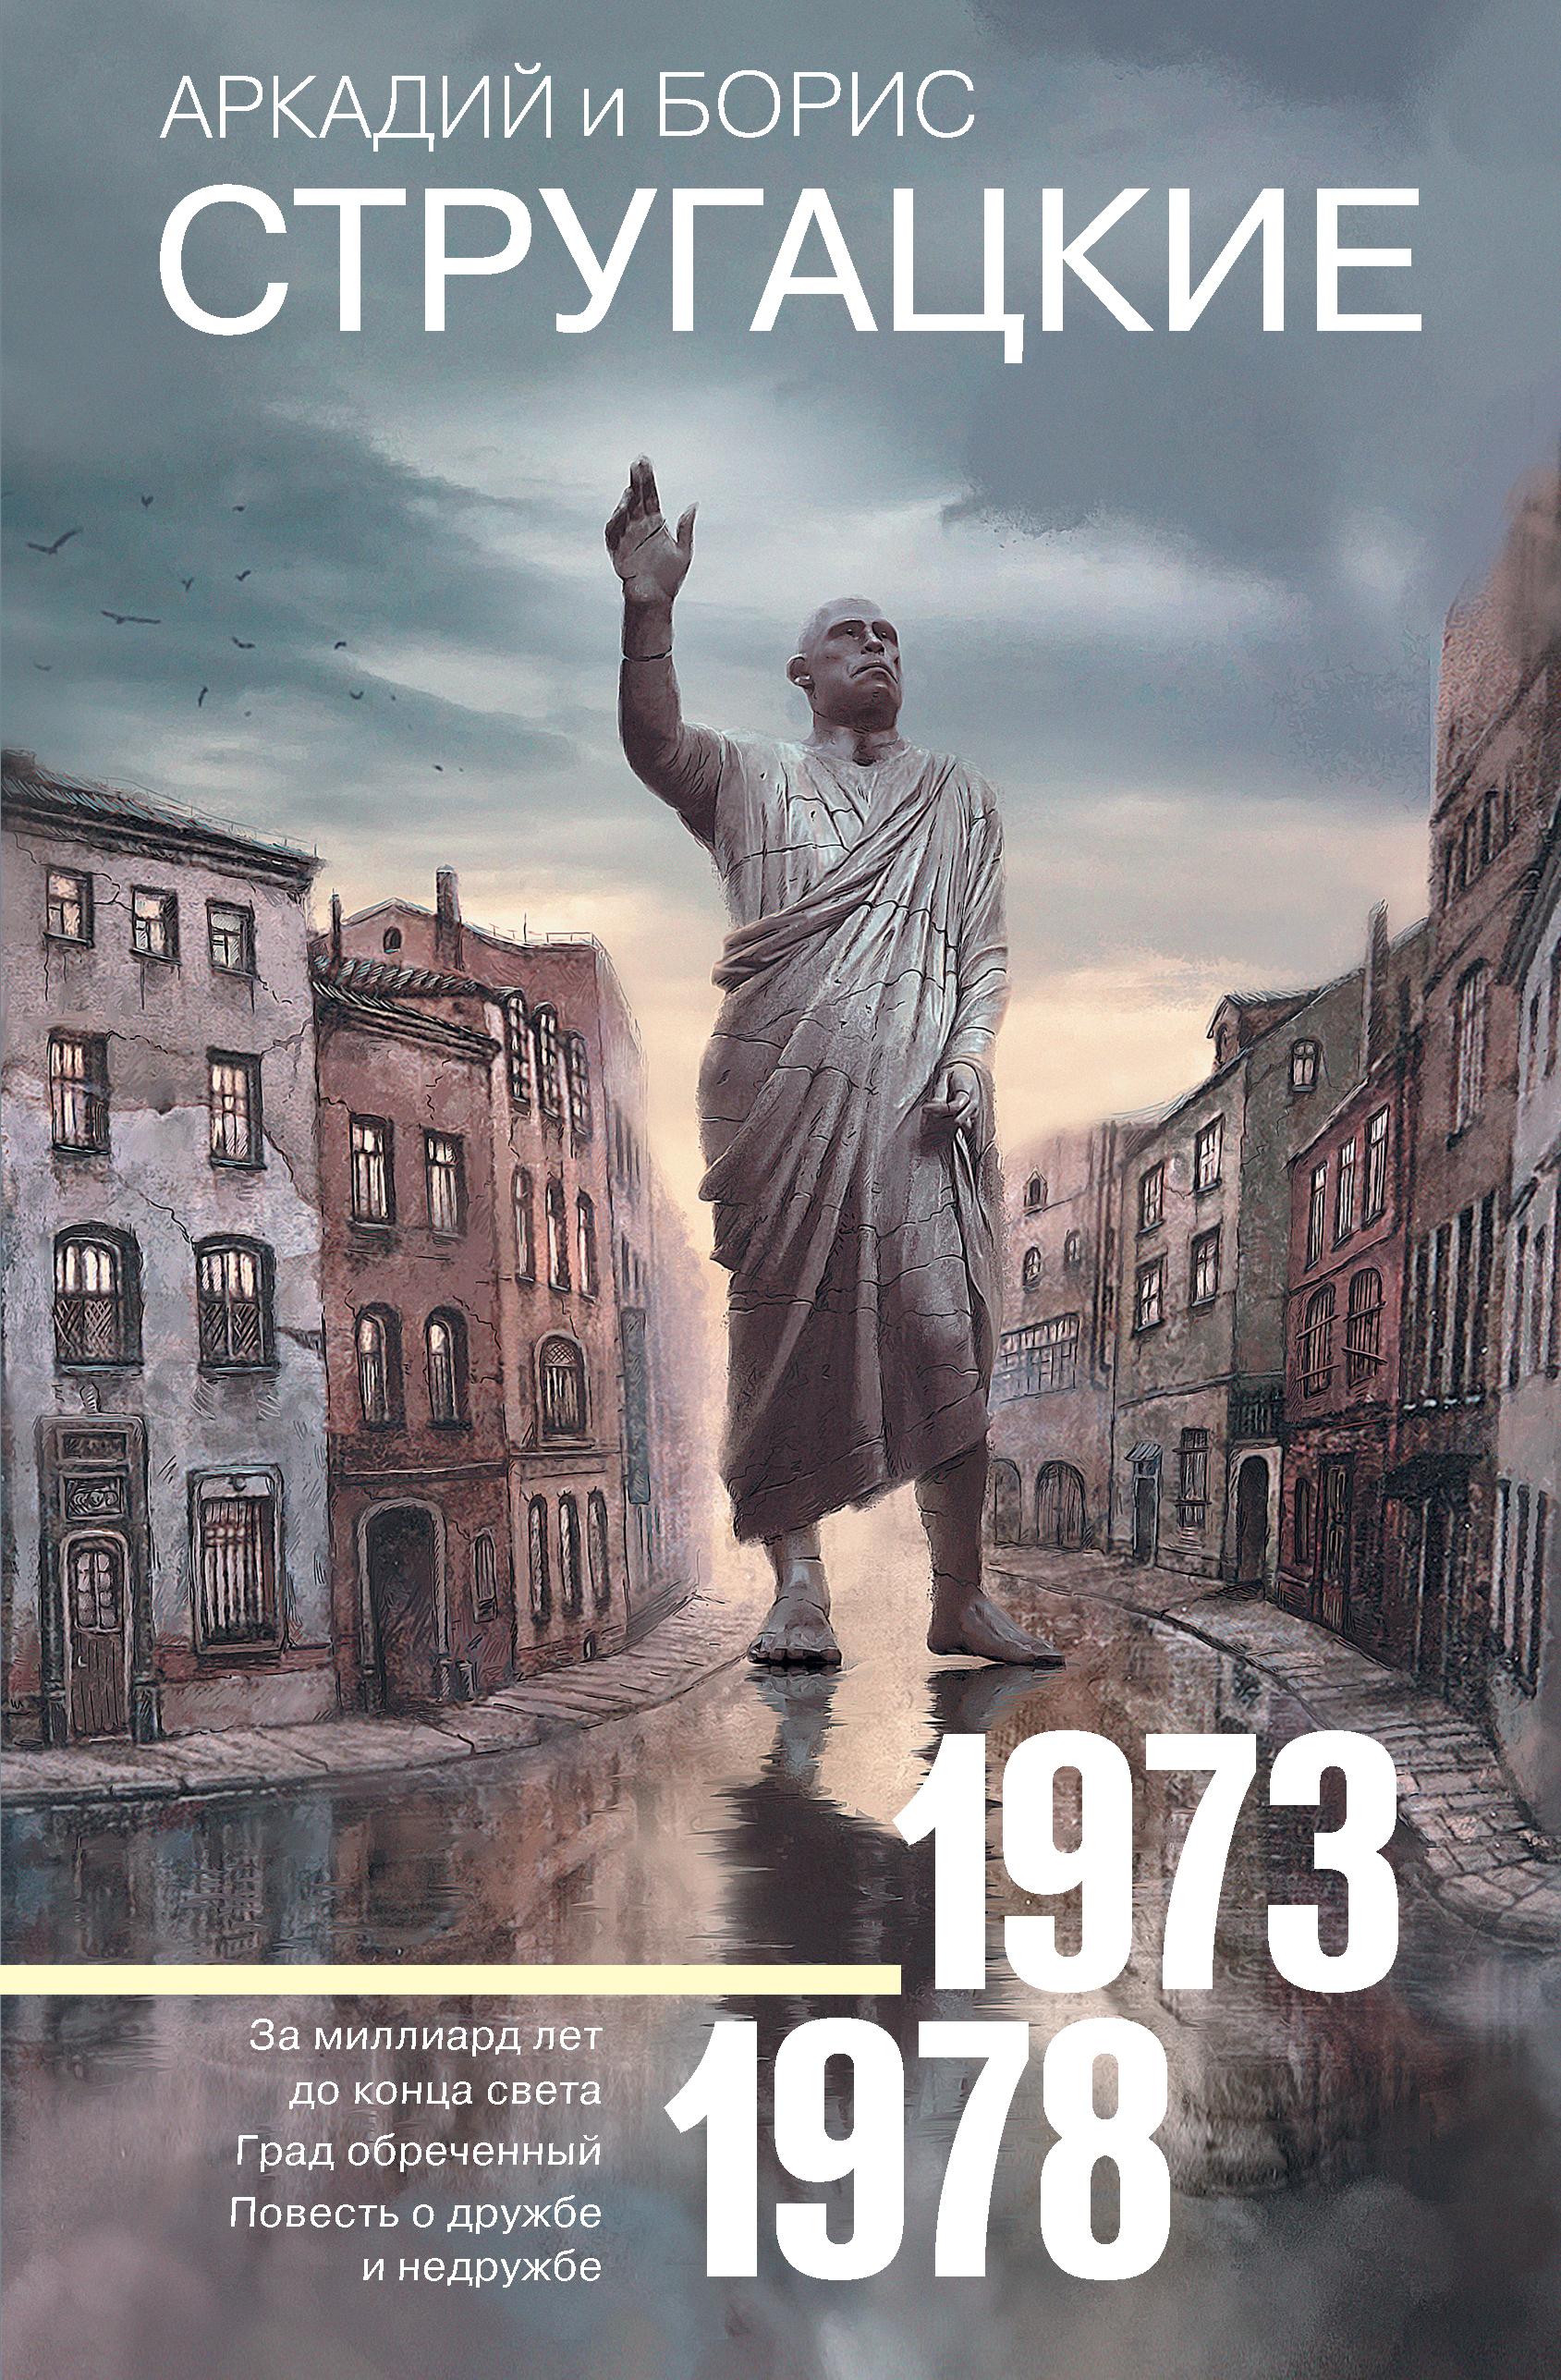 Стругацкий Аркадий Натанович, Стругацкий Борис Натанович Собрание сочинений 1973-1978